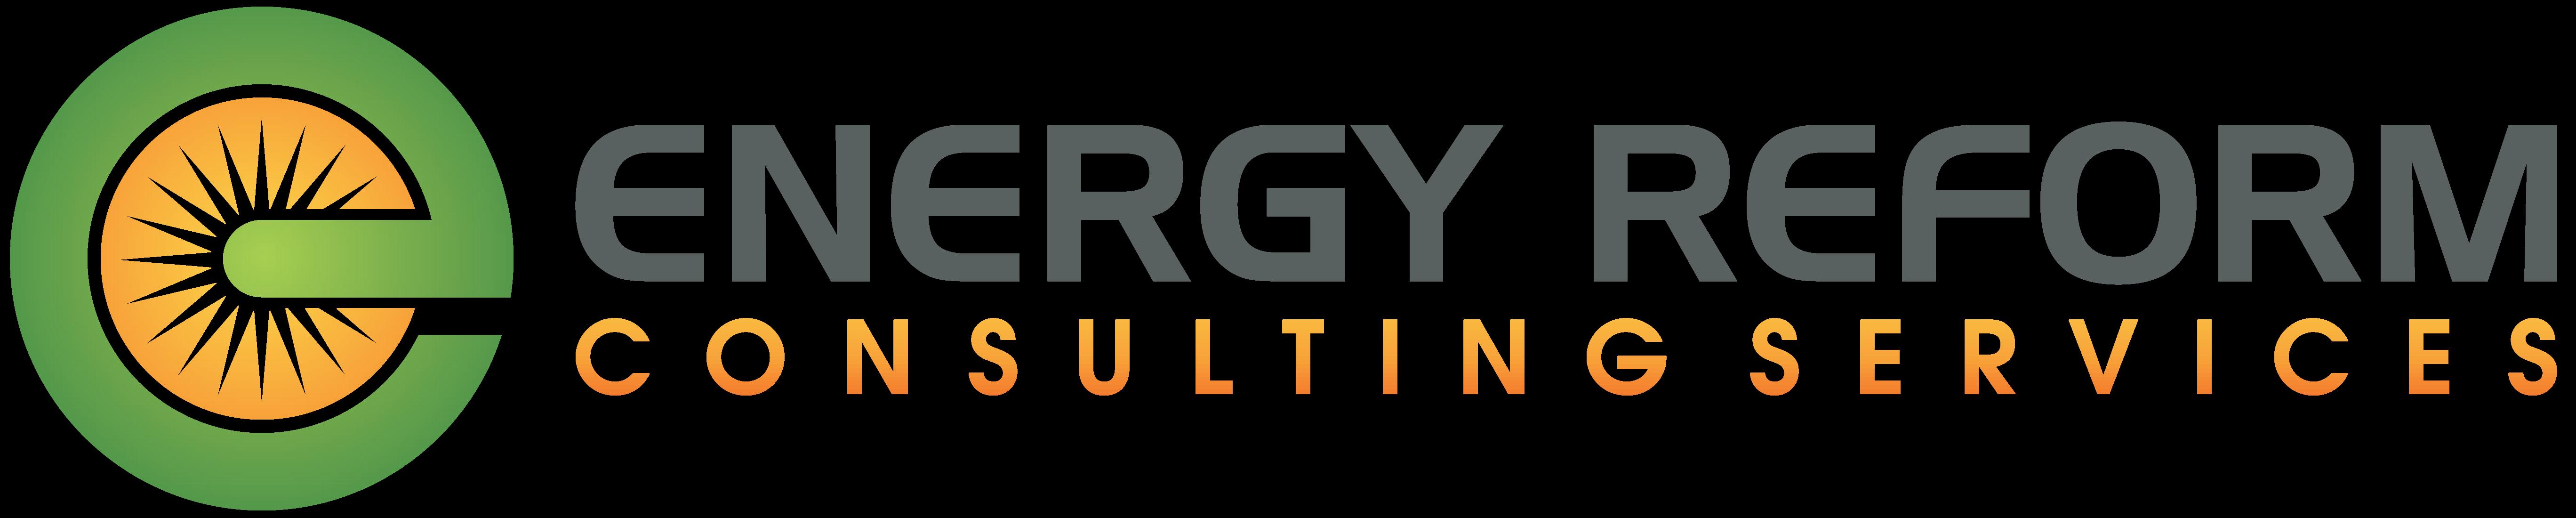 Energy Reform Ltd